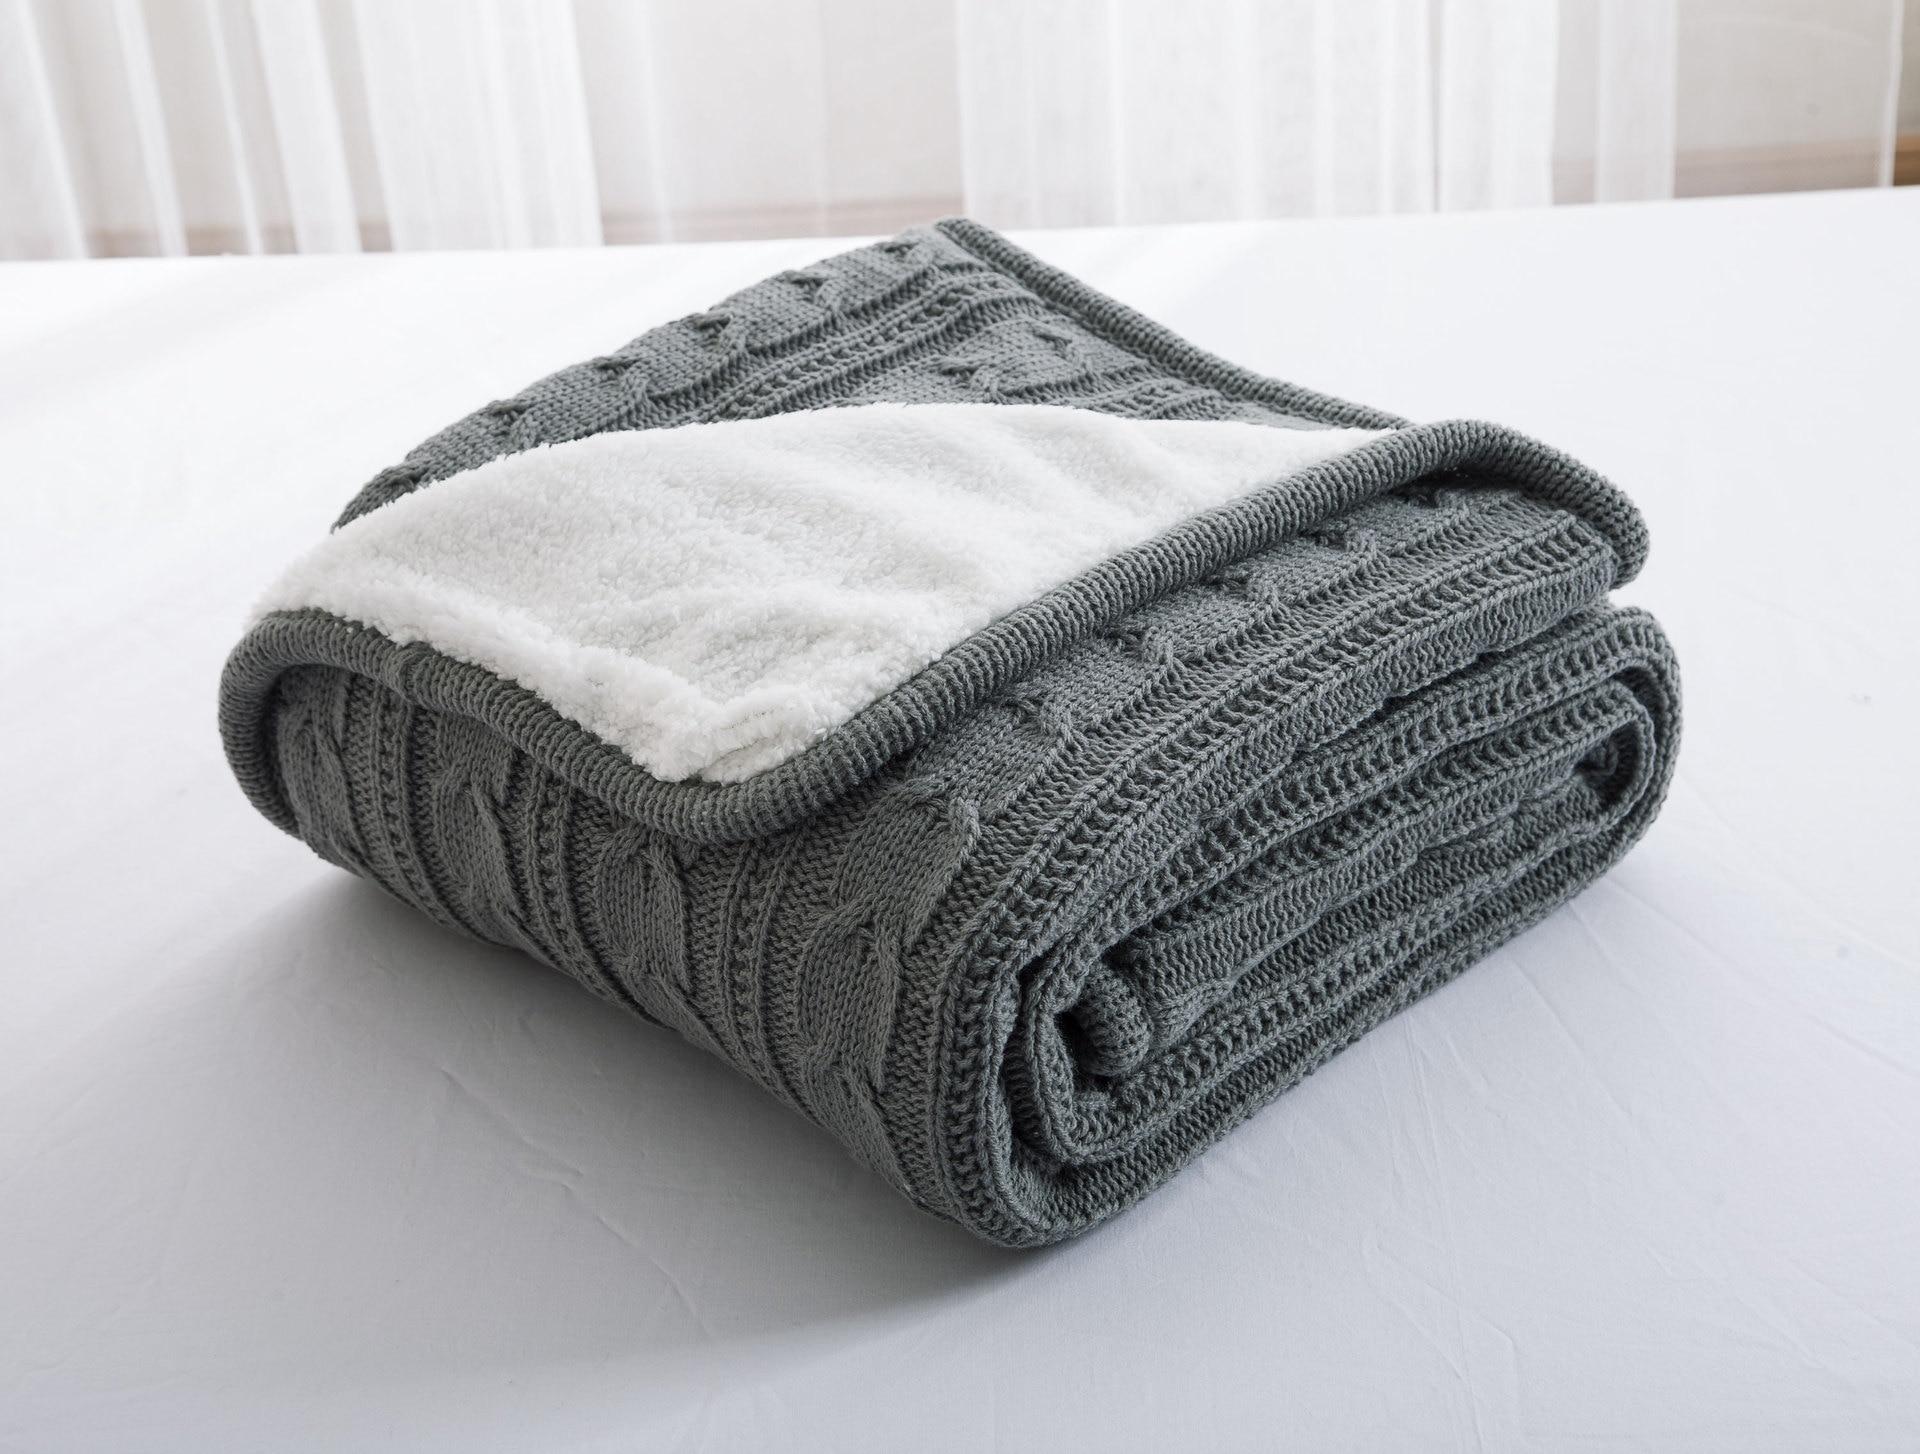 2017 Горячая 100% хлопок высокого качества овечье вельветовое Одеяла зимой тепло вязаный шерстяной Одеяло диван/покрывало одеяло вязаное изделие одеяло - 2